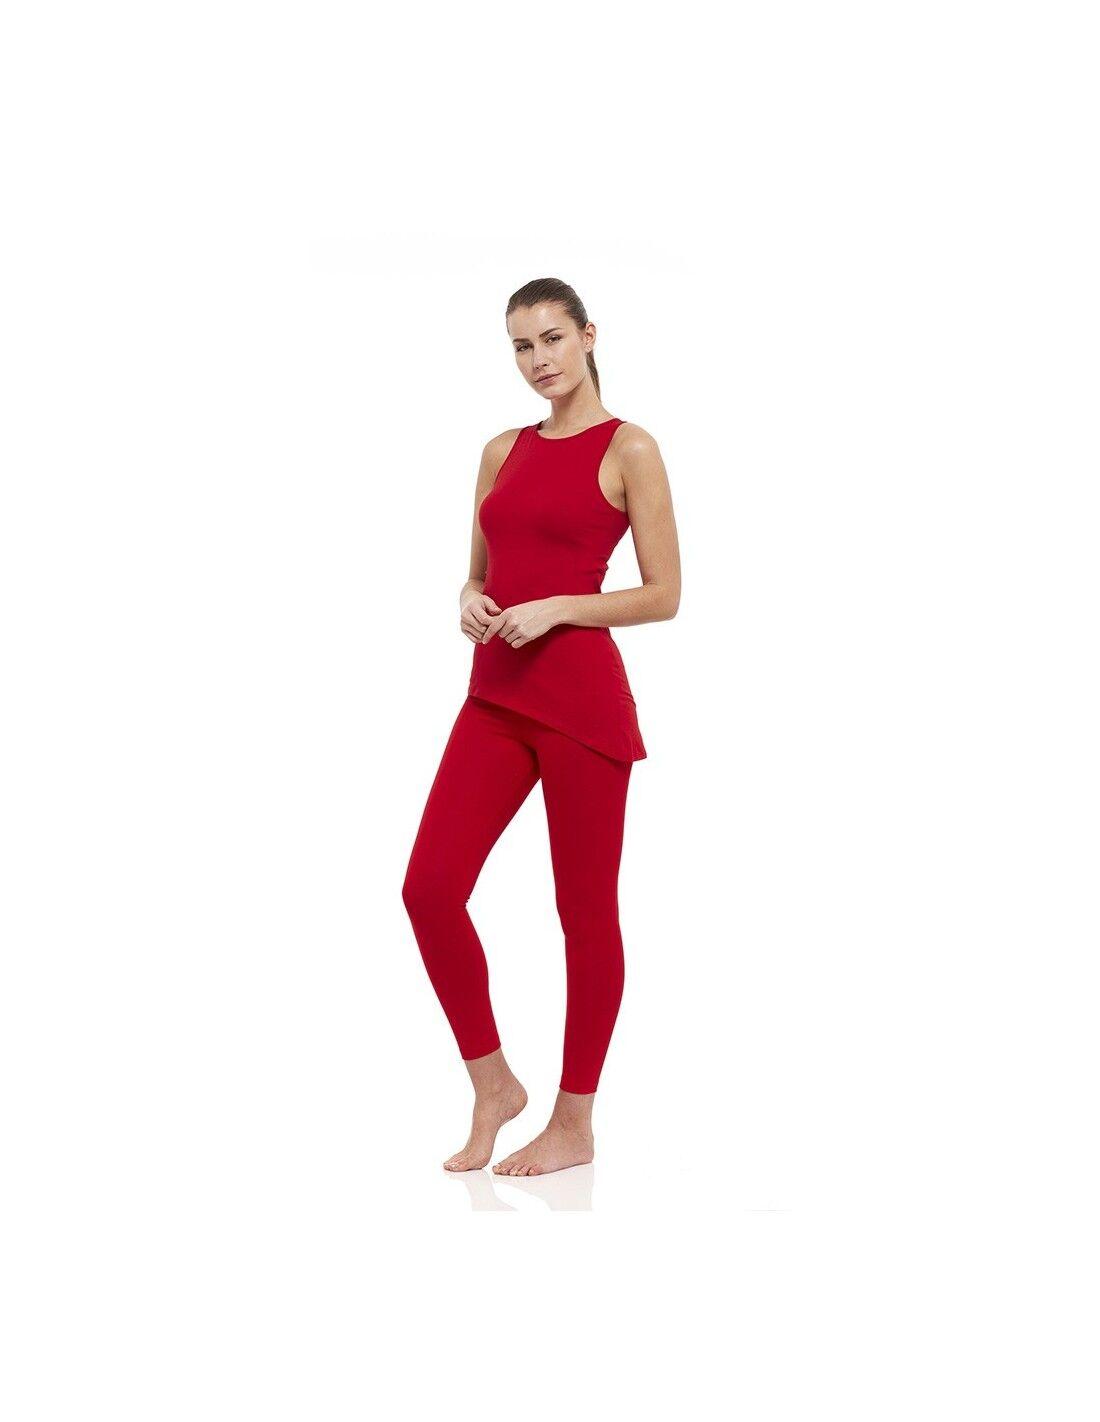 yogaessential completo muladhara: canotta yoga muladhara + legging vita alta muladhara (rosso)